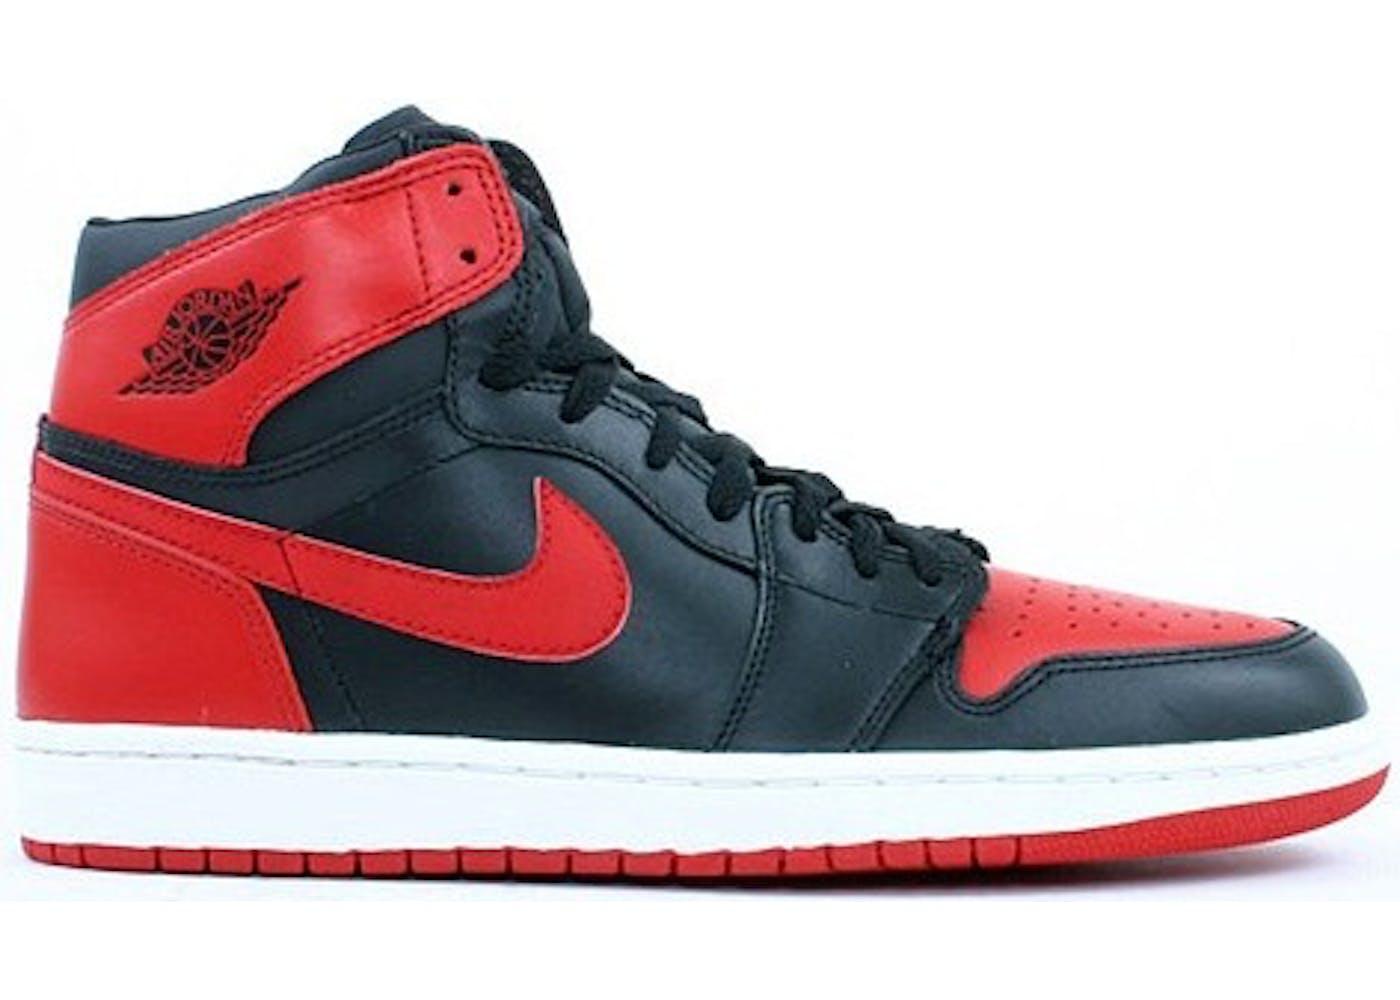 87a9747ca66 Throwback Thursday  Nike Air Jordan 1 Origins - StockX News